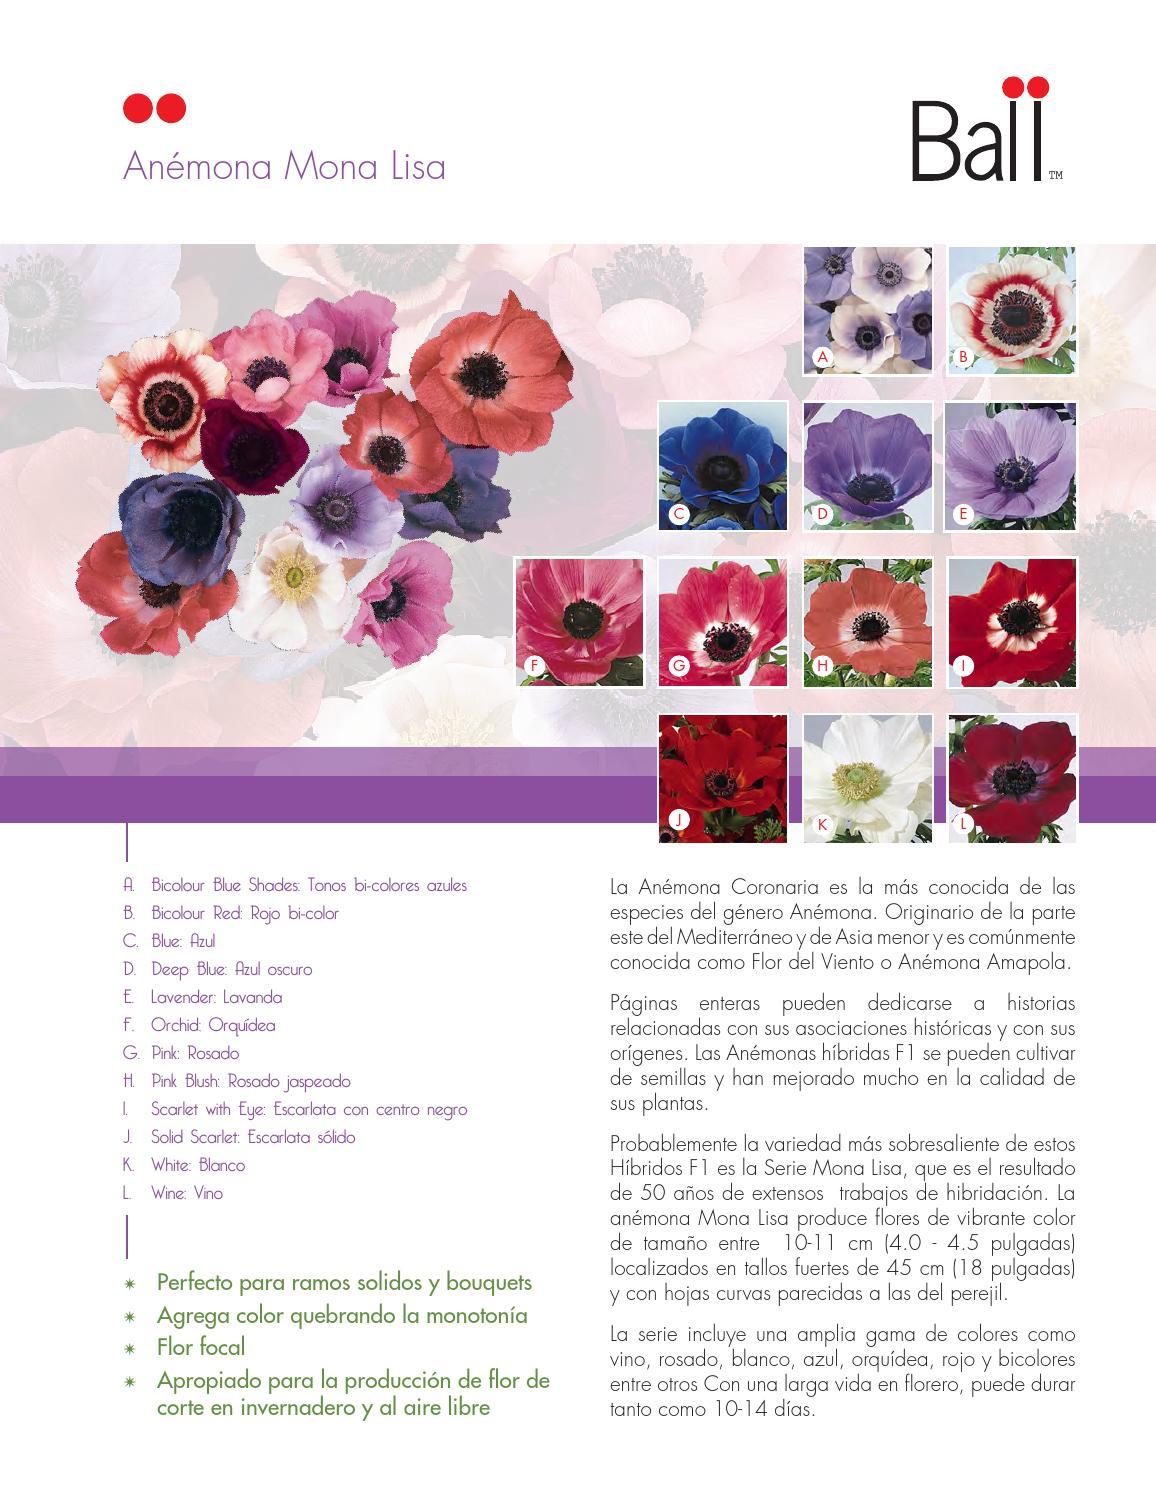 Ballsb flores de corte by BallSB - issuu